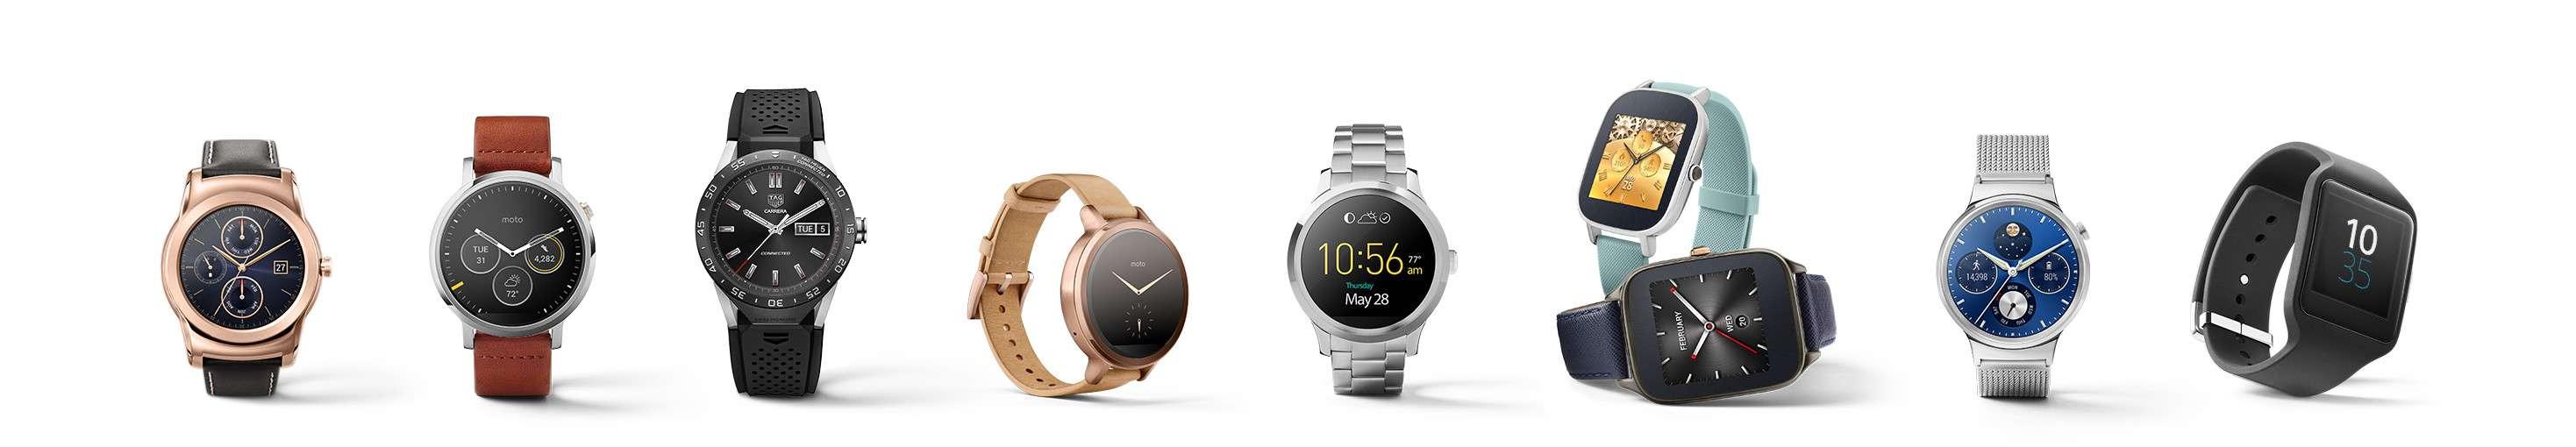 wear-watch-lineup